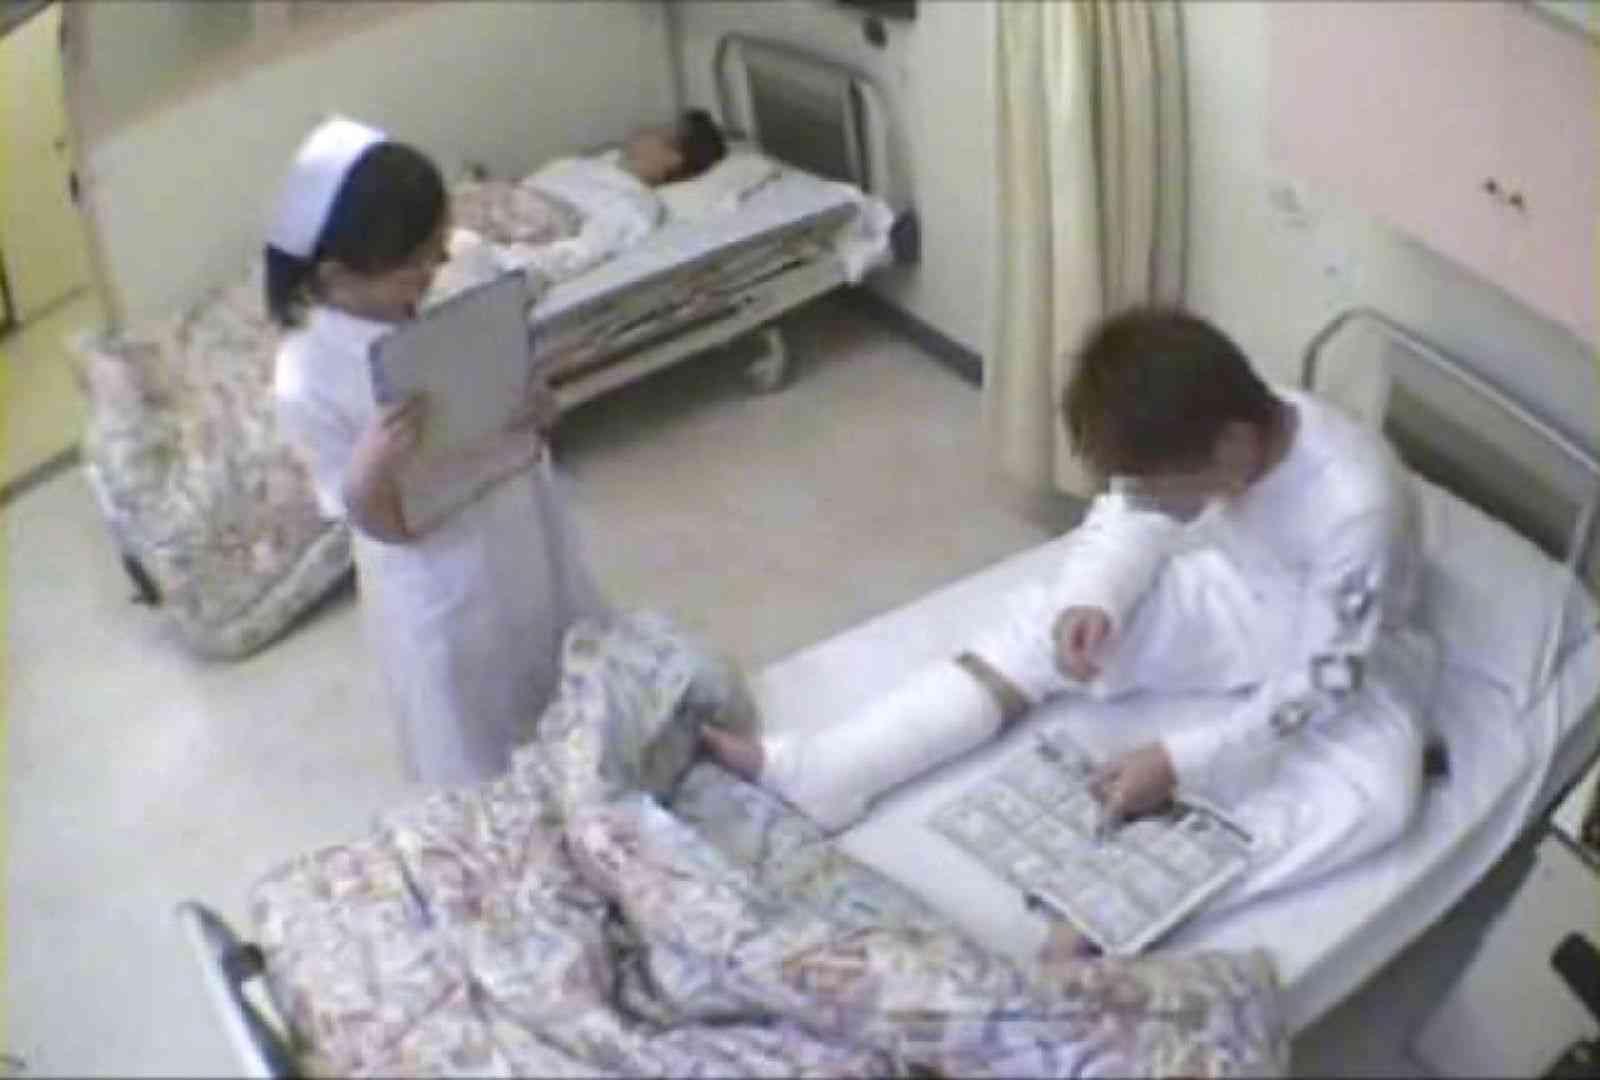 絶対に逝ってはいけない寸止め病棟Vol.6 OLセックス  54画像 54